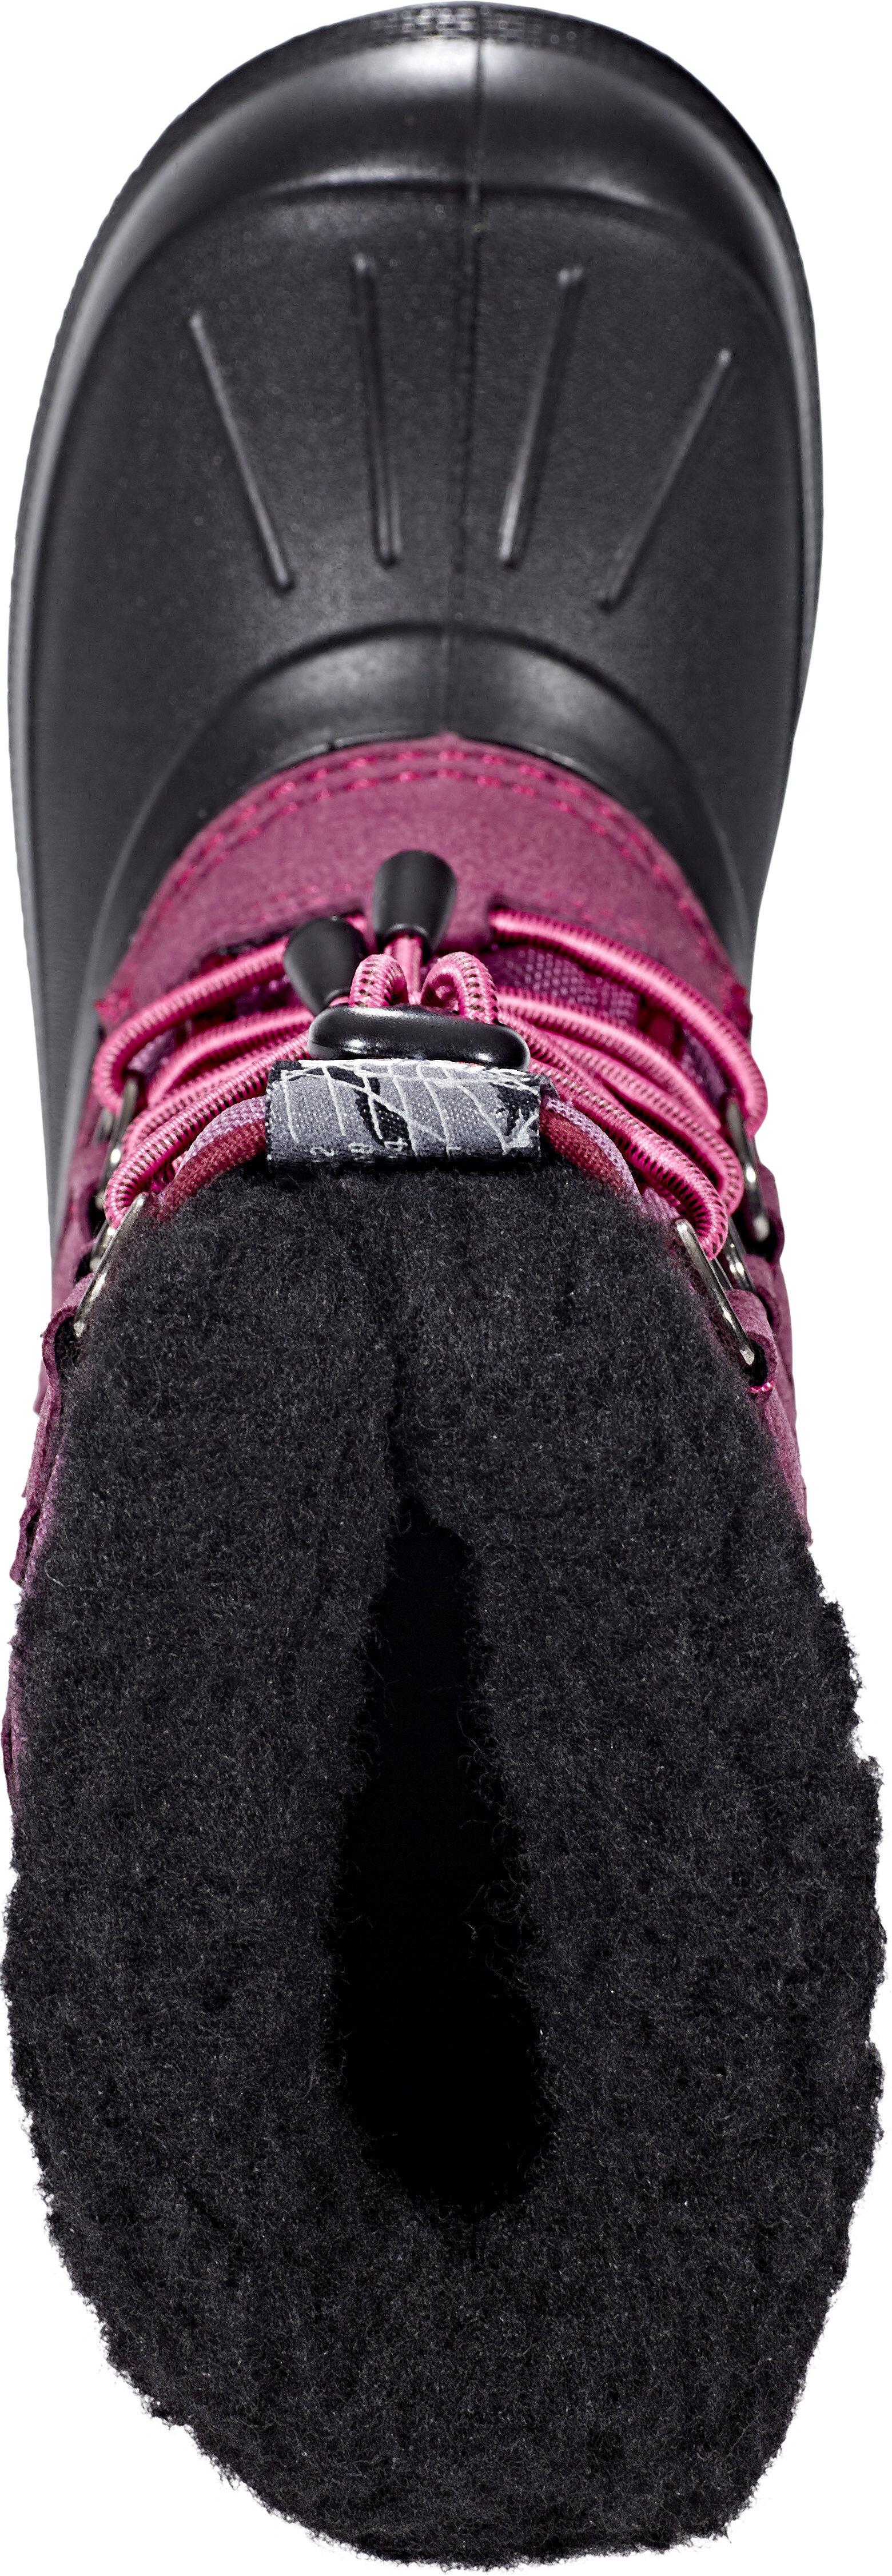 50fe700f7f60 Viking Footwear Istind Støvler Børn pink